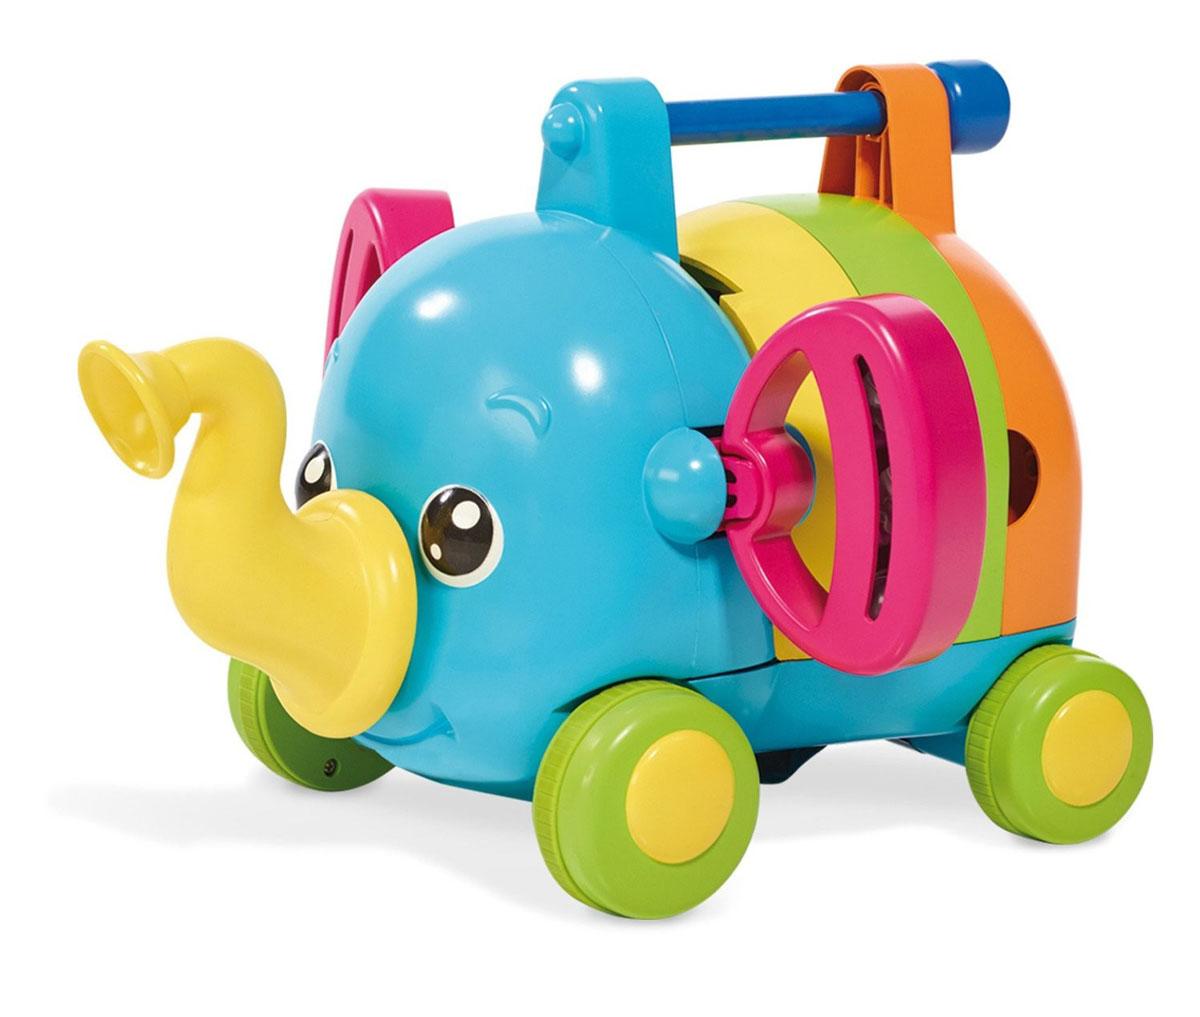 Tomy Развивающая игрушка Слоненок-оркестрE72377Развивающая игрушка Tomy Слоненок-оркестр непременно понравится вашему малышу. Эта оригинальная и интересная игрушка не только развлечет ребенка, но и поможет развить музыкальный слух. Забавный разноцветный слоник состоит из пяти музыкальных инструментов - ксилофона, губной гармошки, рога, барабана и колокольчиков, которые могут использоваться ребенком по отдельности. Кроме того, в собранном виде слоненок сам играет на инструментах во время движения! Игрушка выполнена из высококачественных материалов, безопасных для детского здоровья, окрашена в яркие привлекательные для детей цвета.